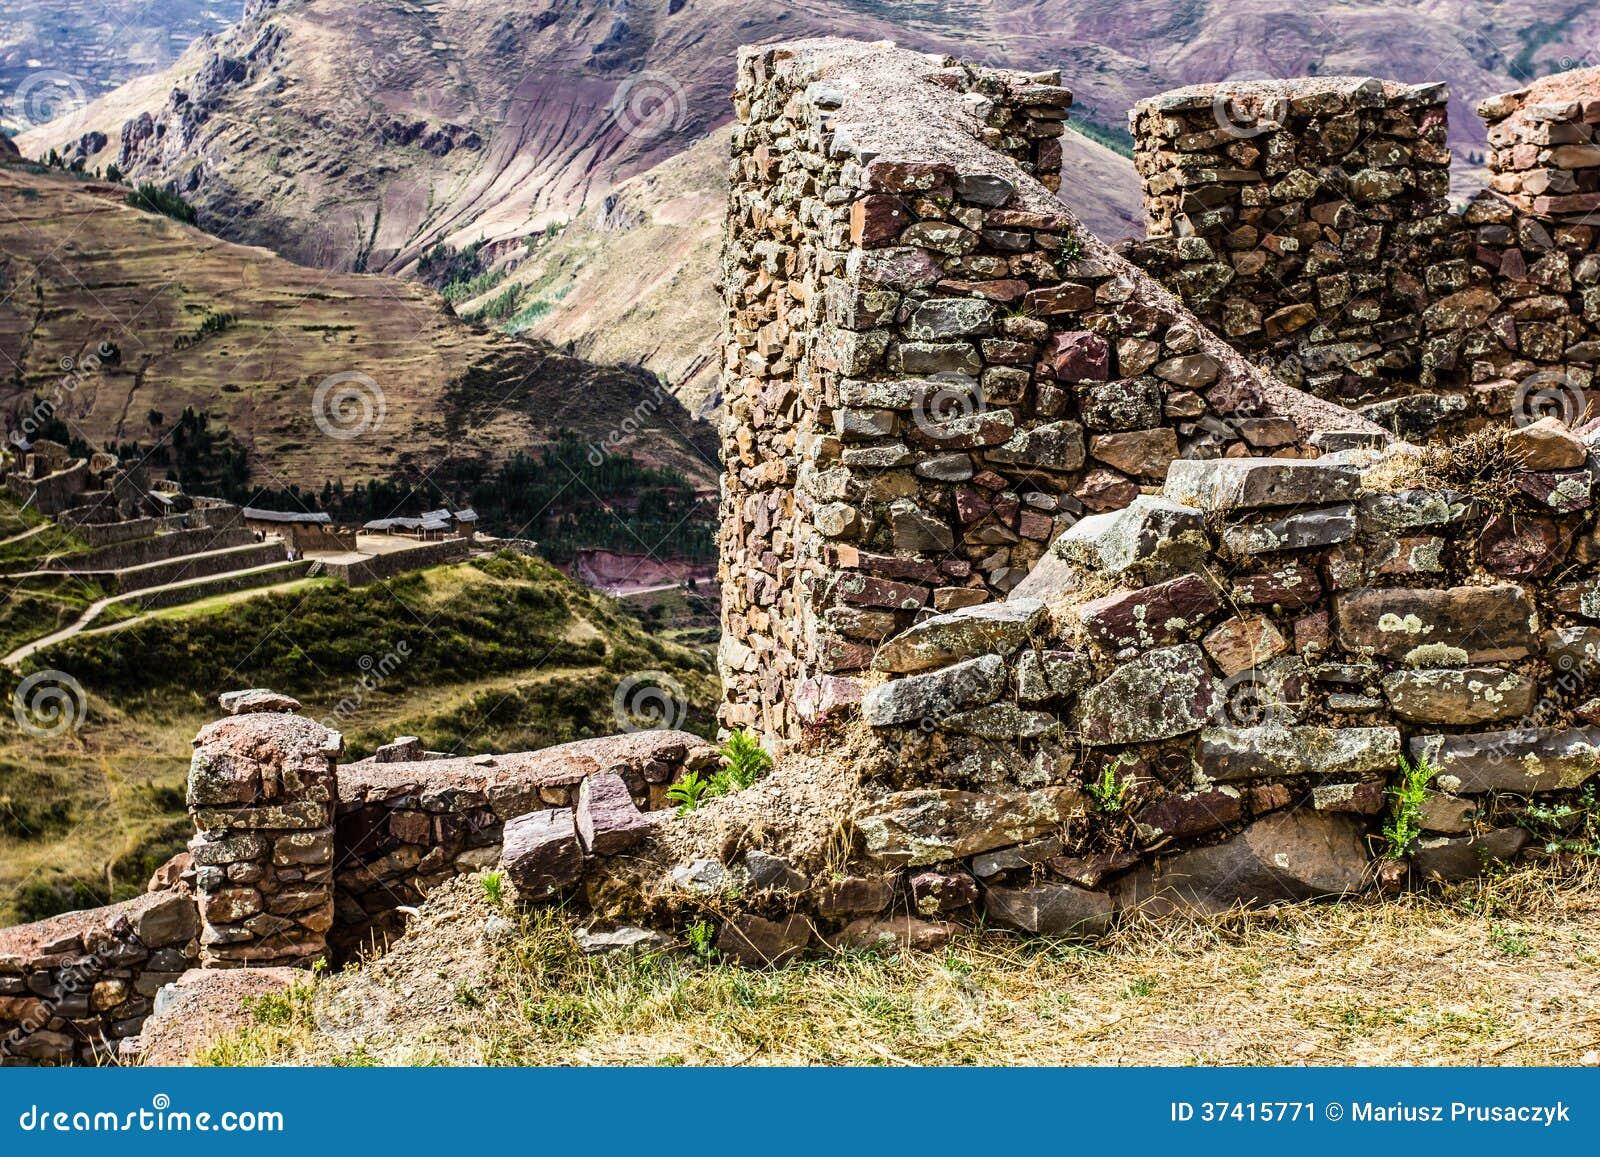 Peru, Pisac (Pisaq) - ruínas do Inca no vale sagrado nos Andes peruanos